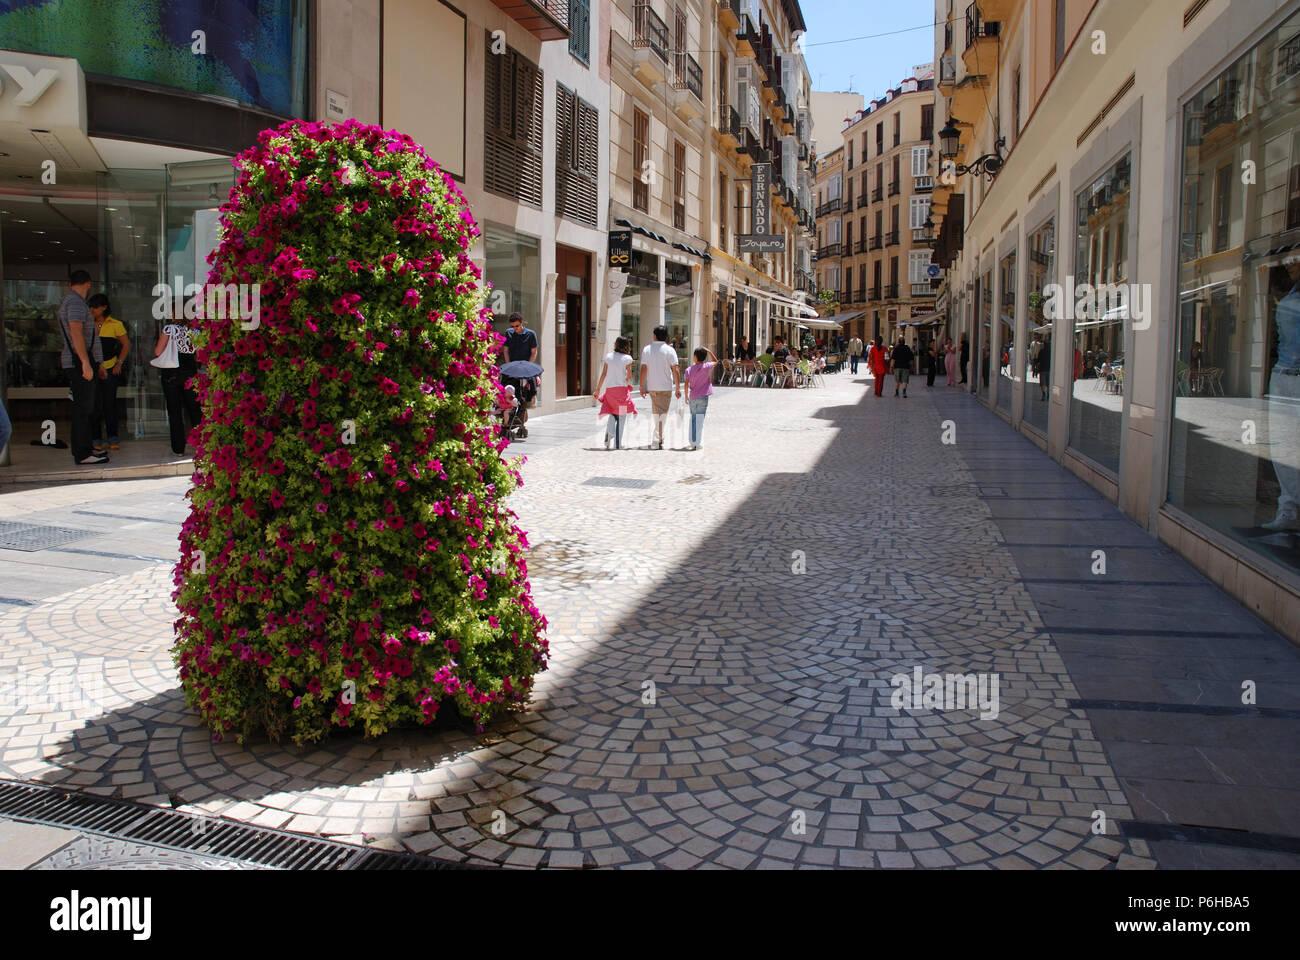 Calle peatonal. Málaga, España. Imagen De Stock